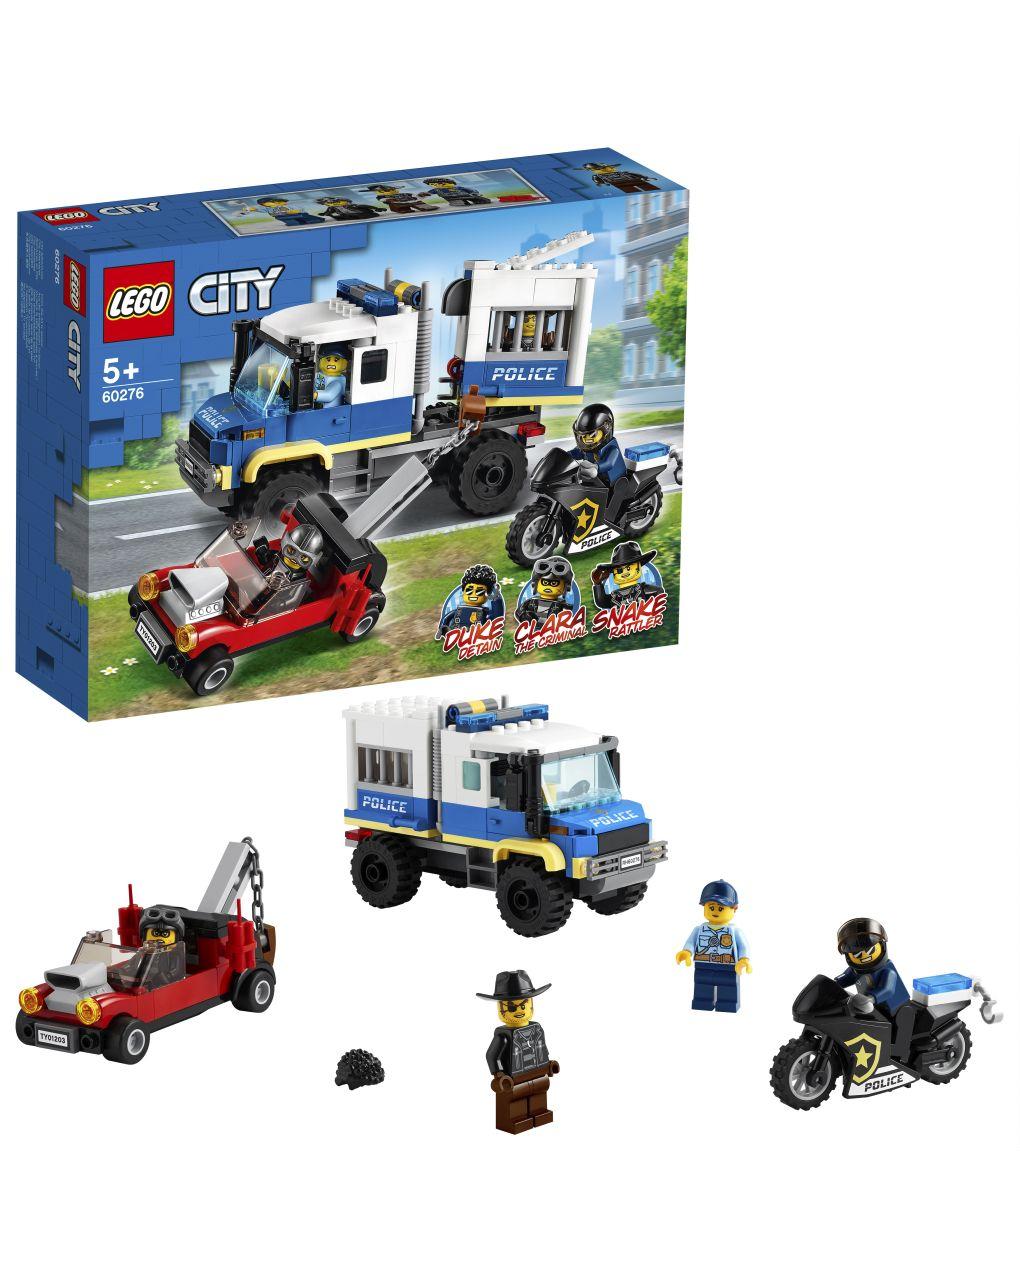 Lego city police - trasporto dei prigionieri della polizia - 60276 - LEGO